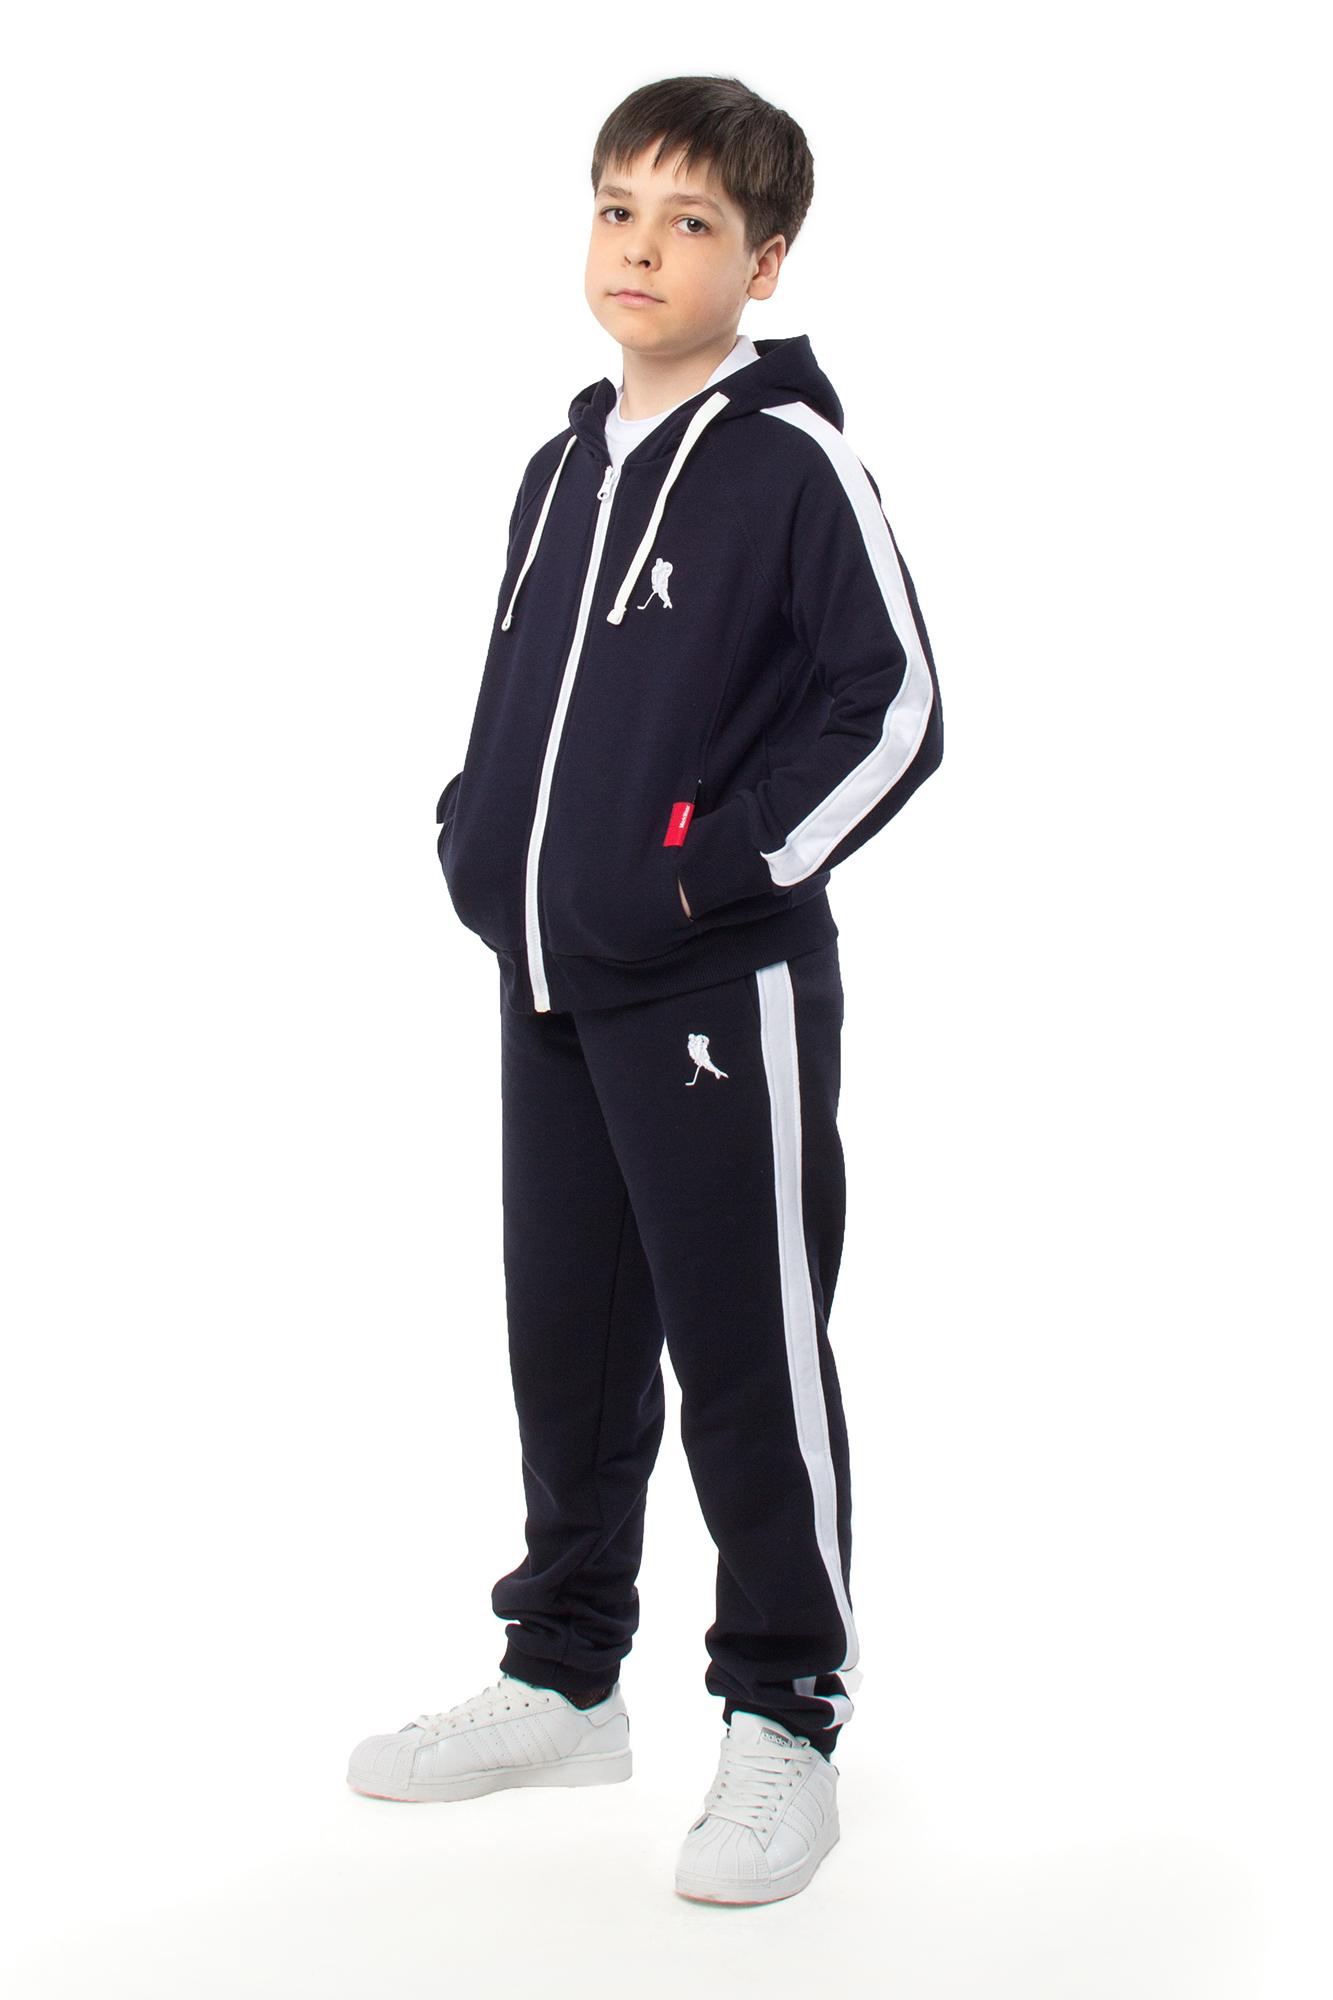 633d8aa70a74 Купить Костюм спортивный мужской игрок в интернет магазине